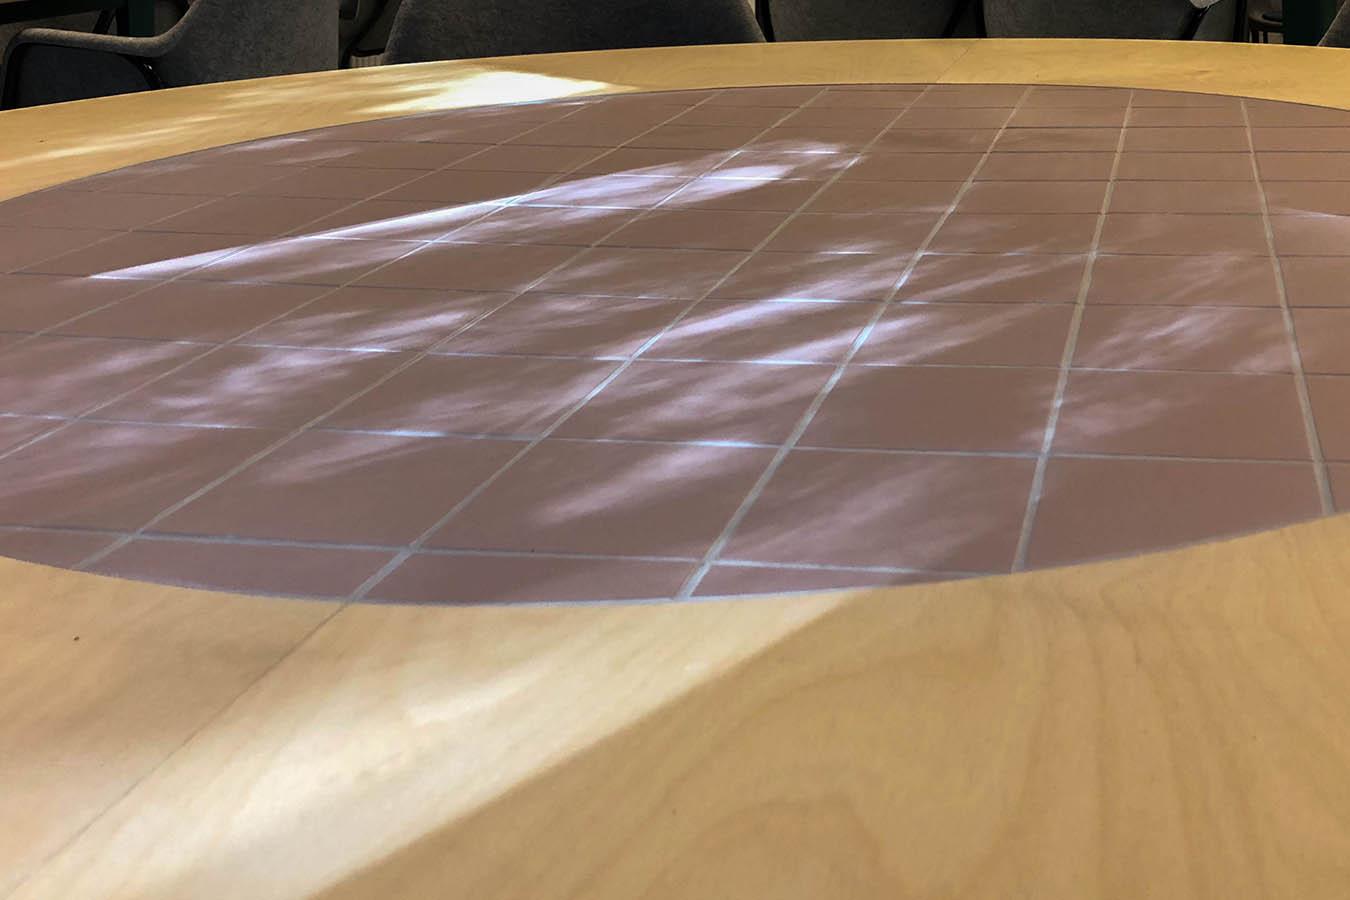 tafels met tegelwerk in het midden